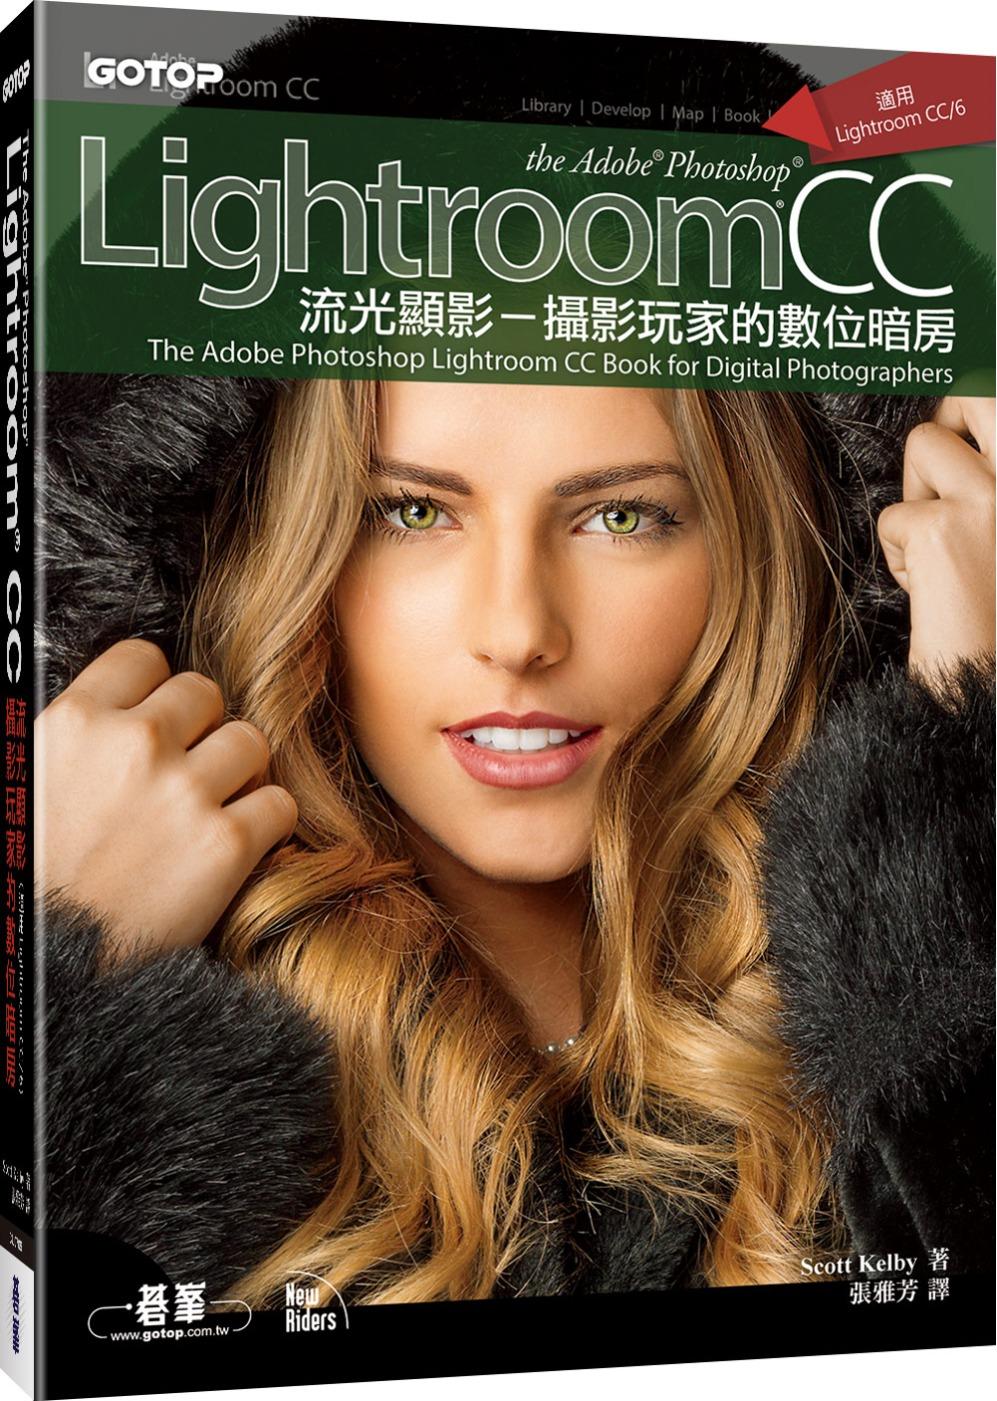 Adobe Photoshop Lightroom CC流光顯影:攝影玩家的數位暗房!(適用Lightroom CC/6)